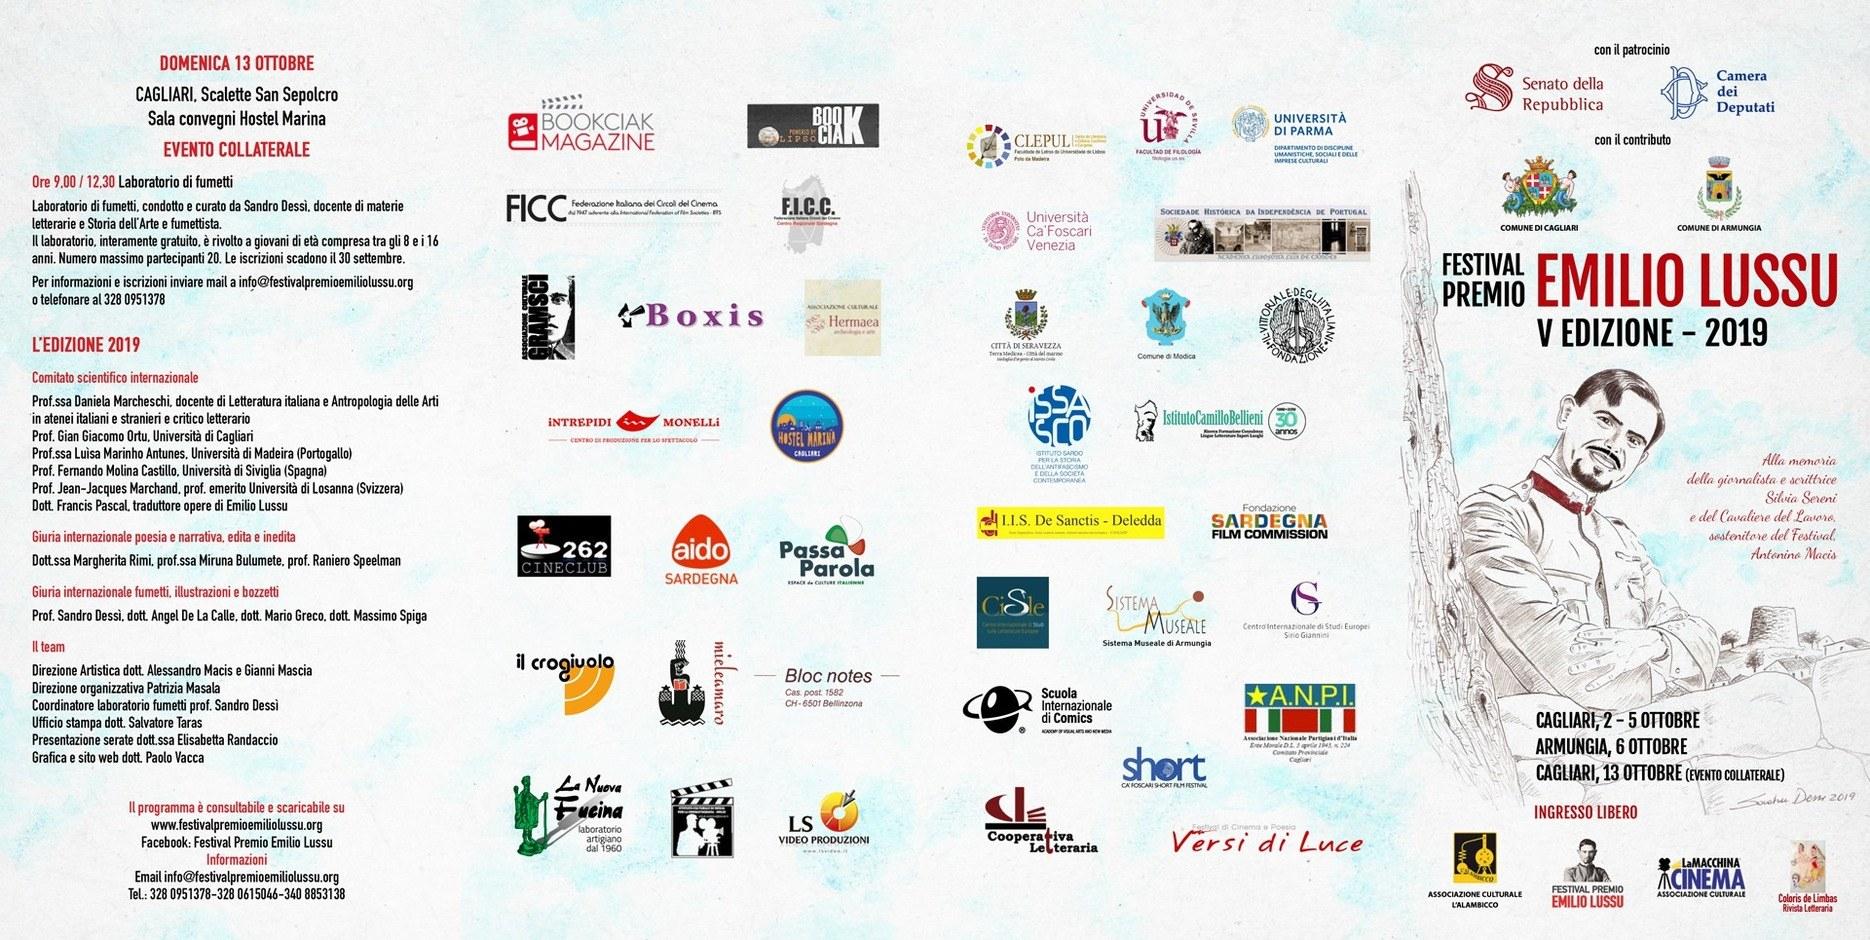 Festival Premio Emilio Lussu - Cagliari-Armungia, 2-6 ottobre 2019